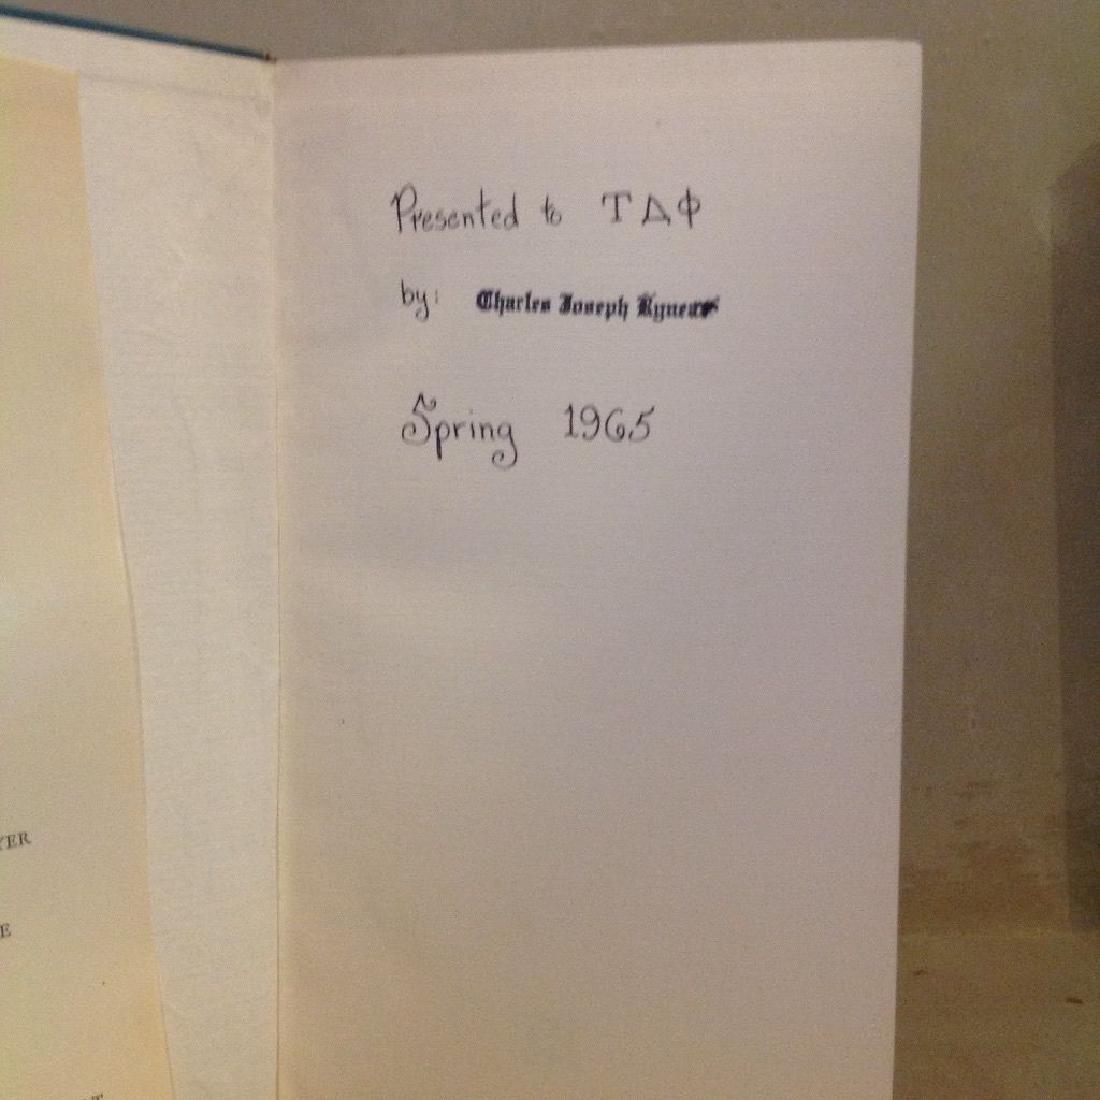 Schillers Werke, in Zwei Banden (2 Volumes, 1964) - 5